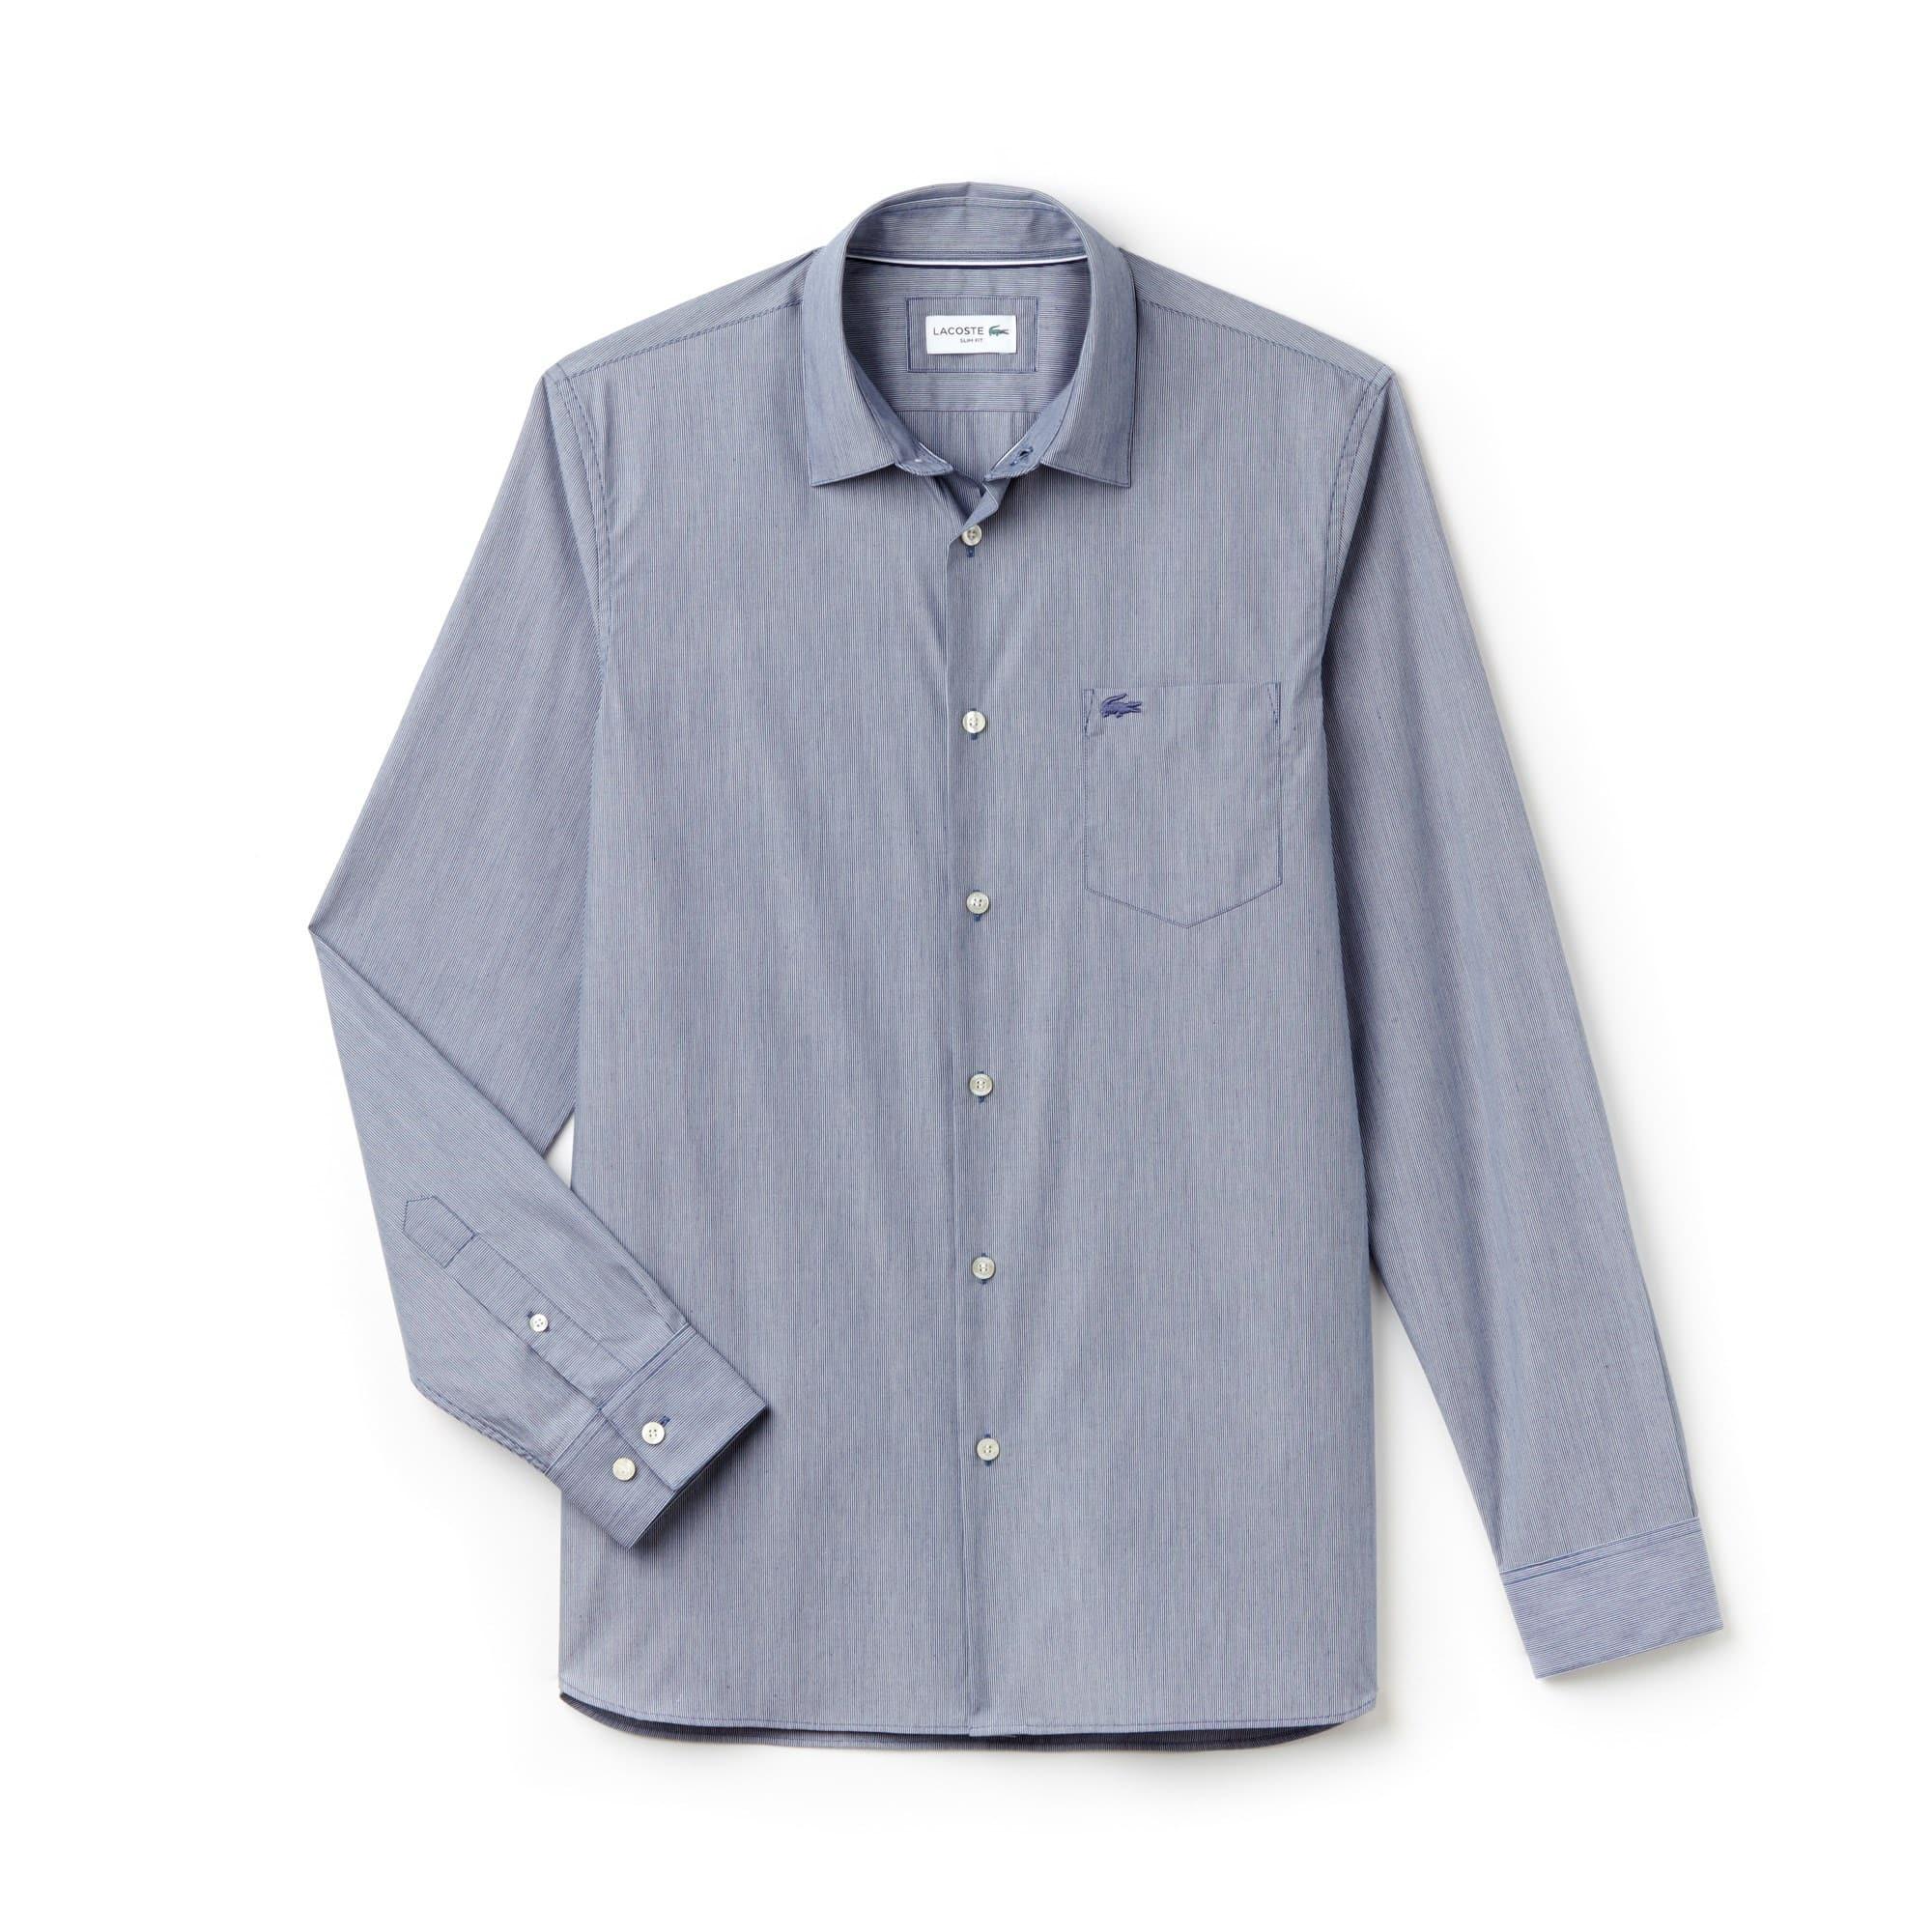 Slim Fit Herren-Hemd aus Baumwoll-Popeline